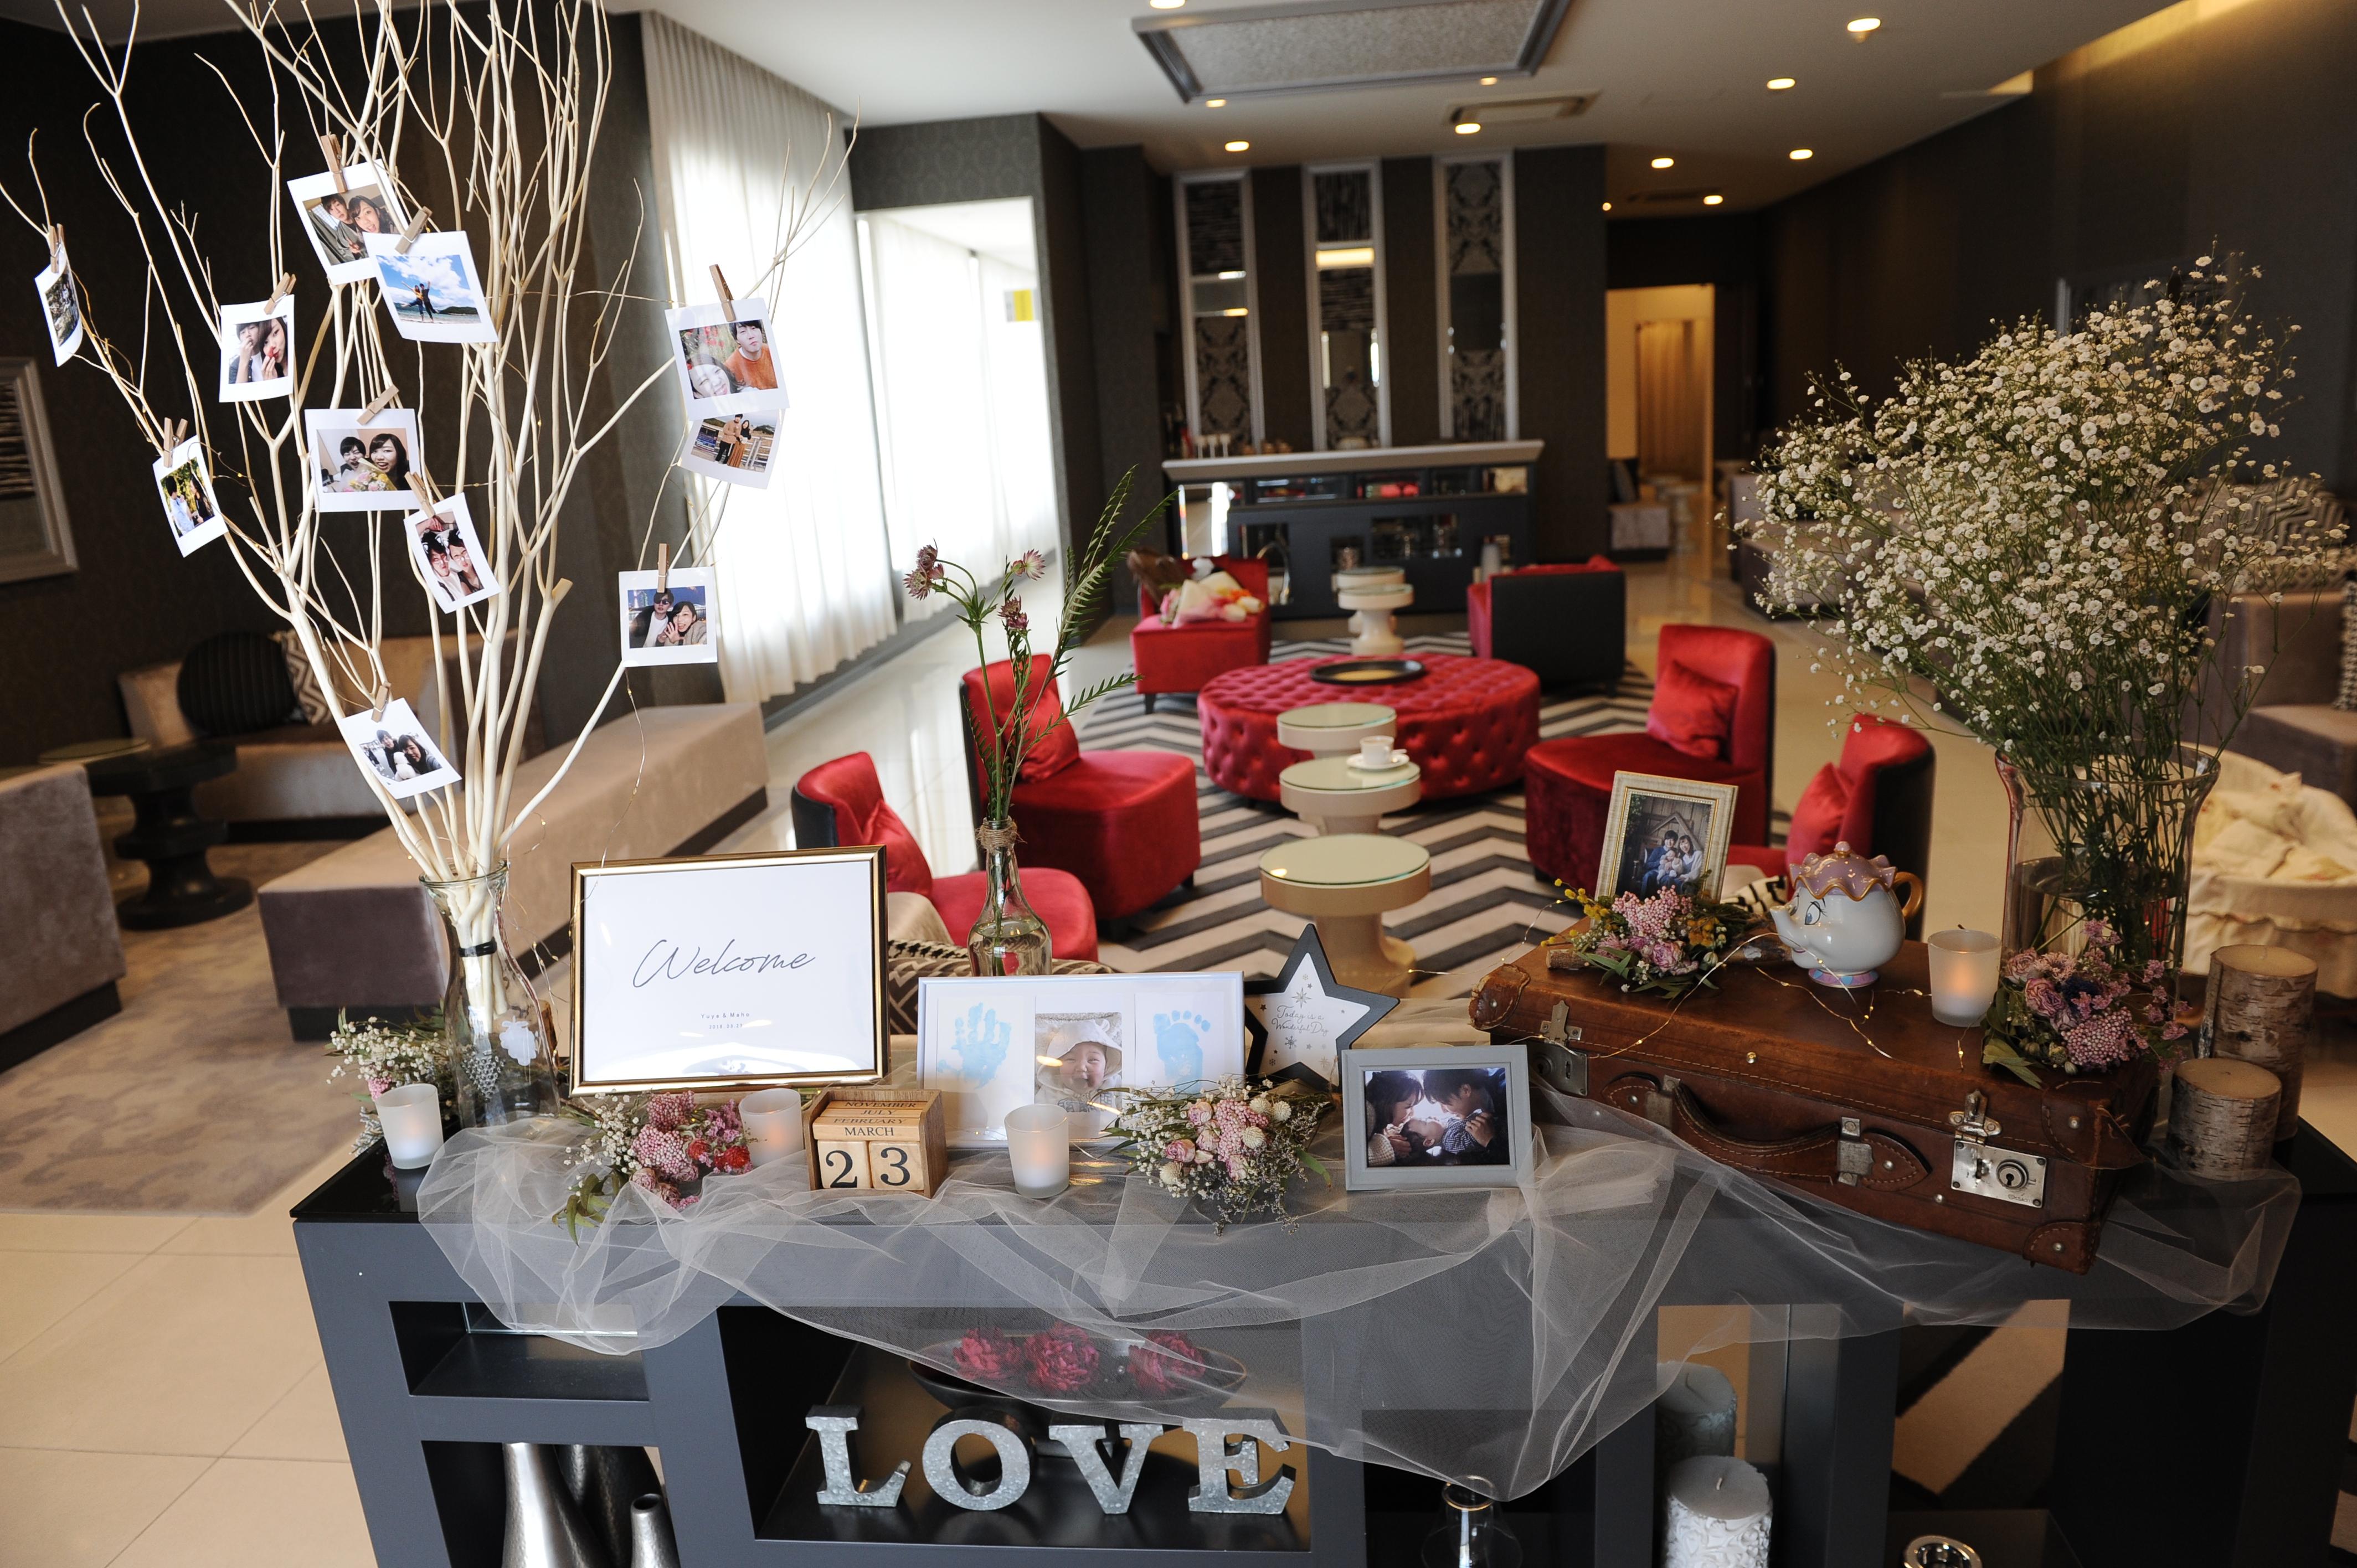 徳島市の結婚式場ブランアンジュの専用ロビーでのオリジナルコーディネート